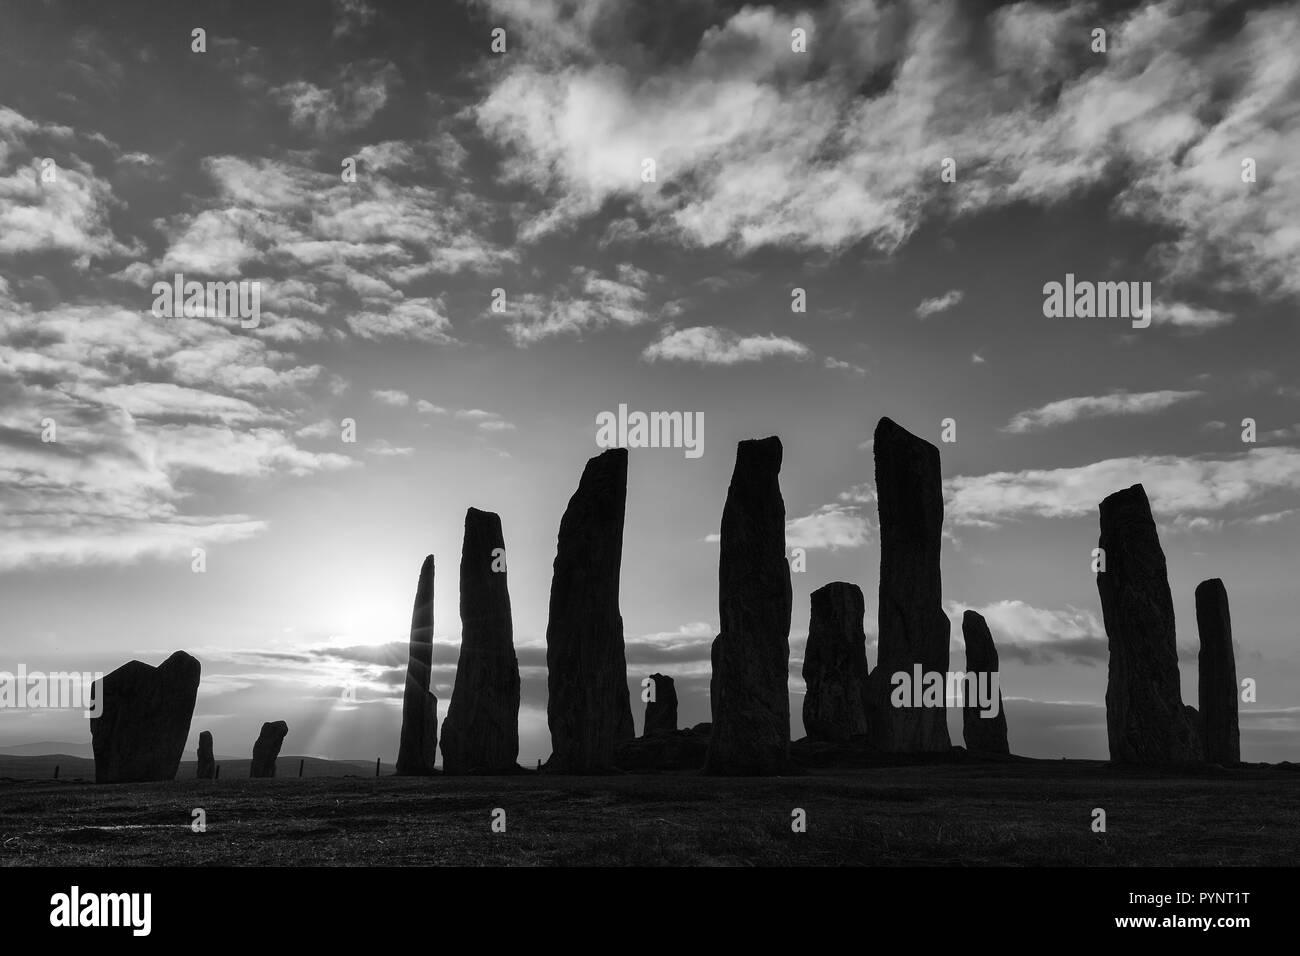 Callanish Stone Circle, Isle of Lewis, Outer Hebrides, Scotland - Stock Image